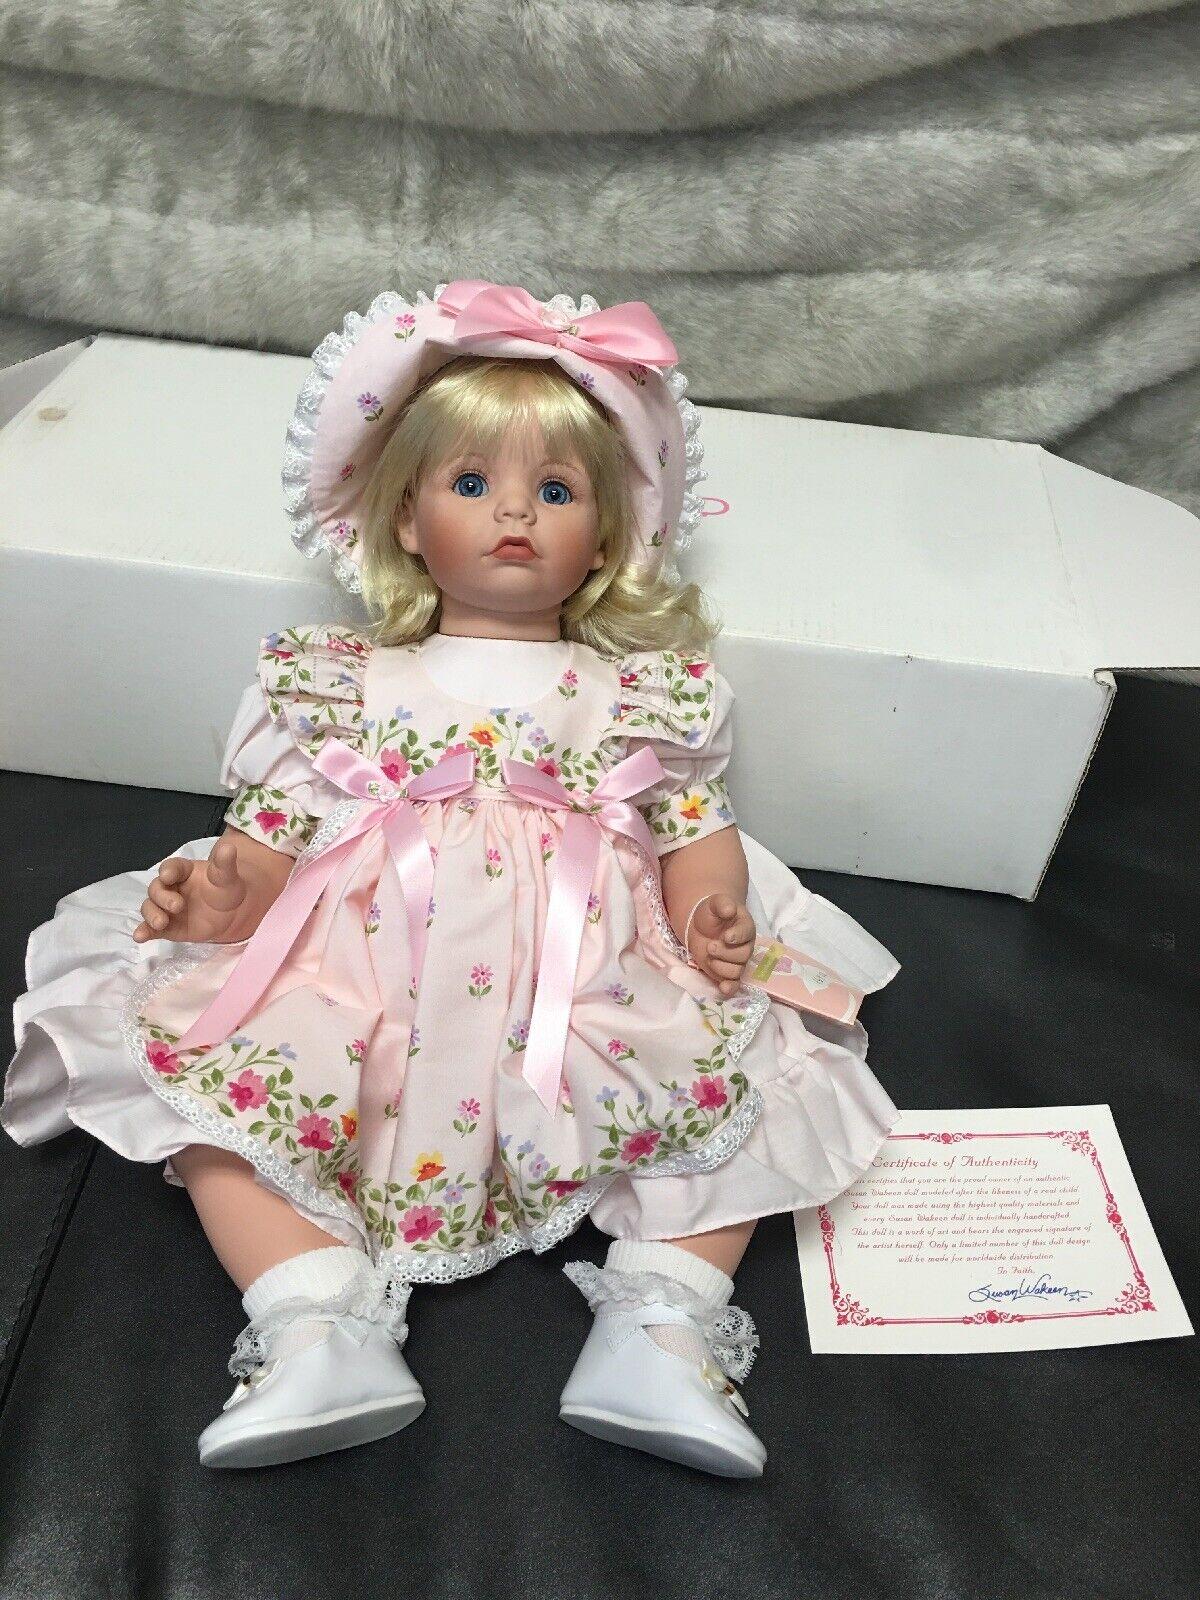 Nuevo En Caja cert. de autenticidad Susan Wakeen am 19  muñeca numerada 152 300 Cabello Rubio Ojos Azules